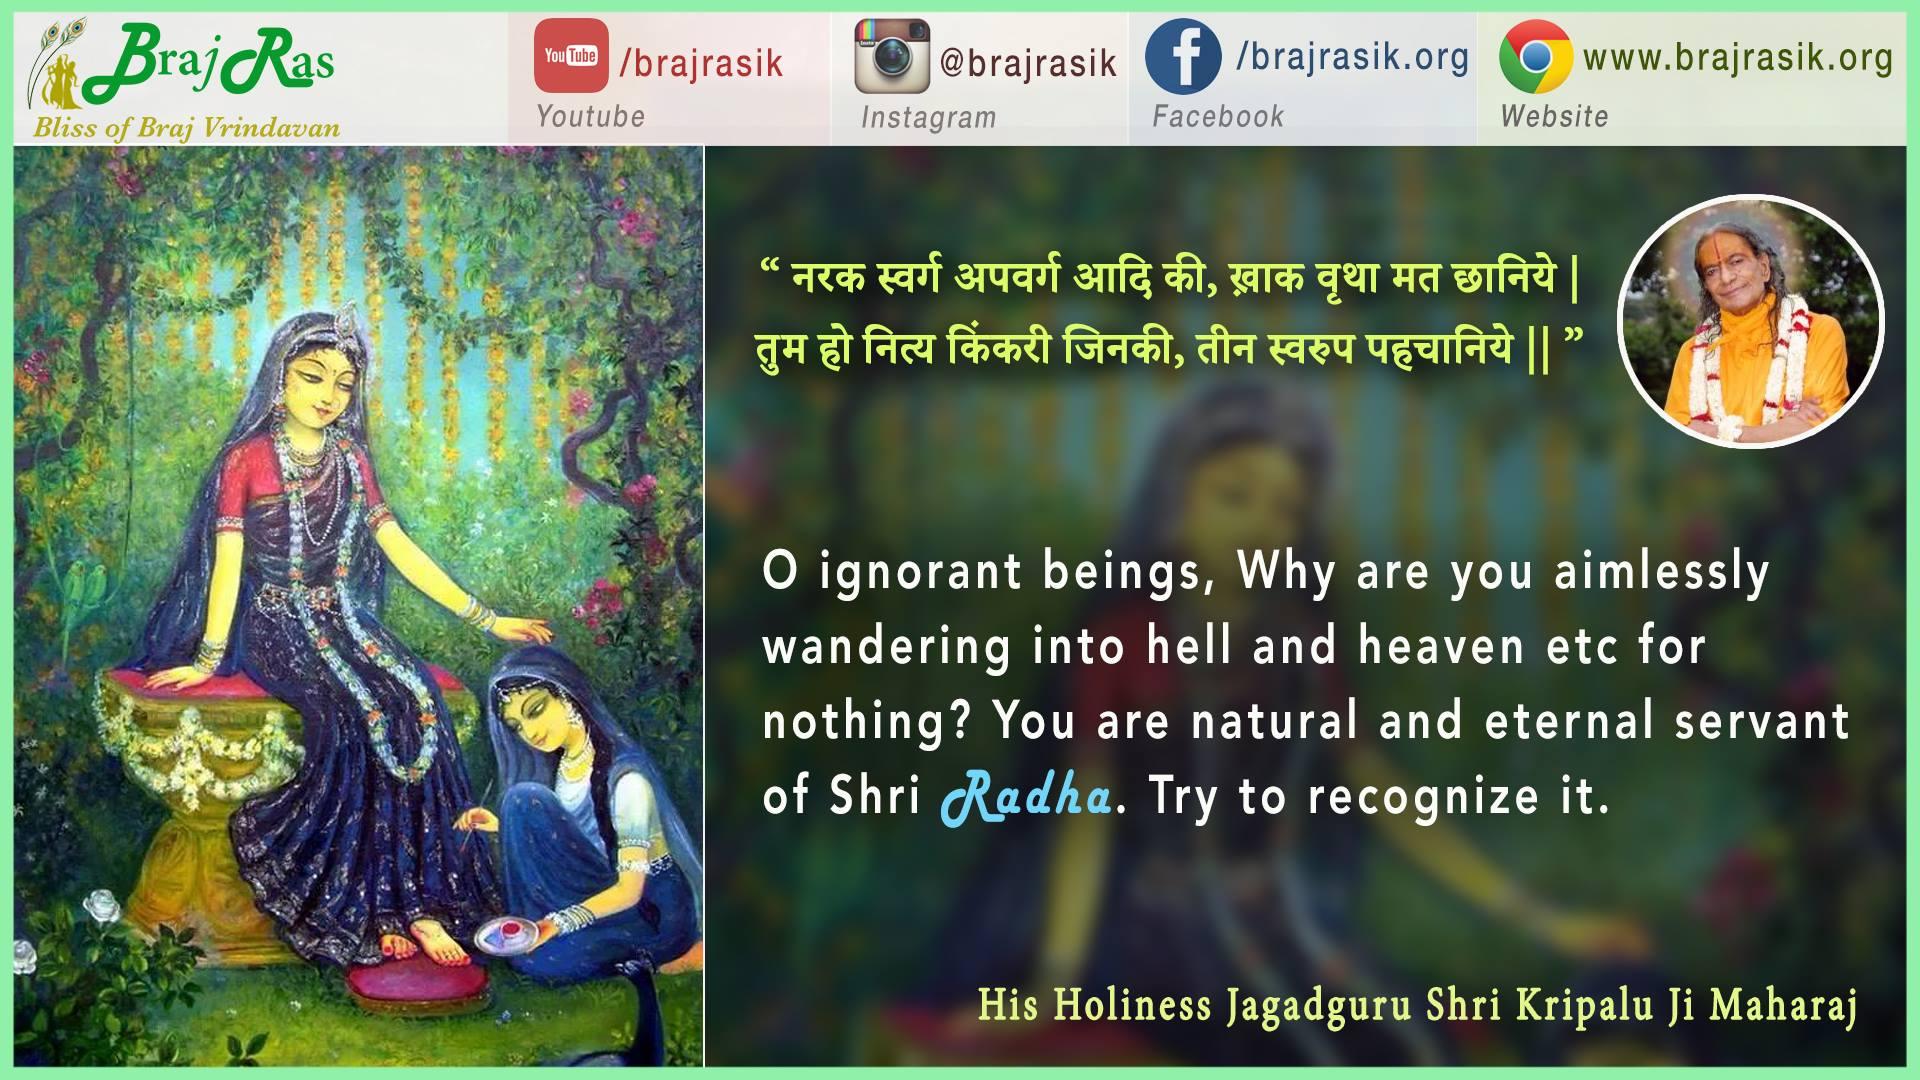 Narak Swarg Apavarg Aadi Ki - His Holiness Jagadguru Shri Kripalu Ji Maharaj